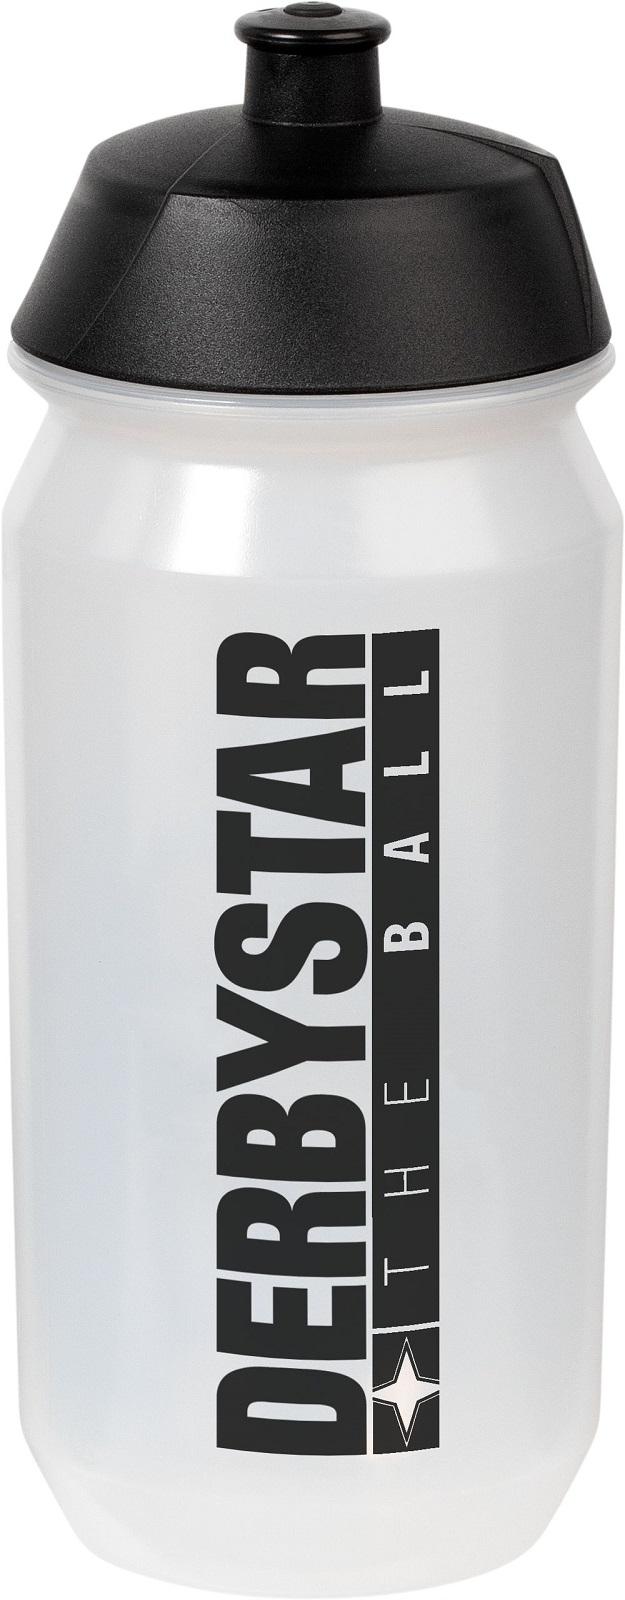 Derbystar Trinkflasche Bio-Bottle 0,5l